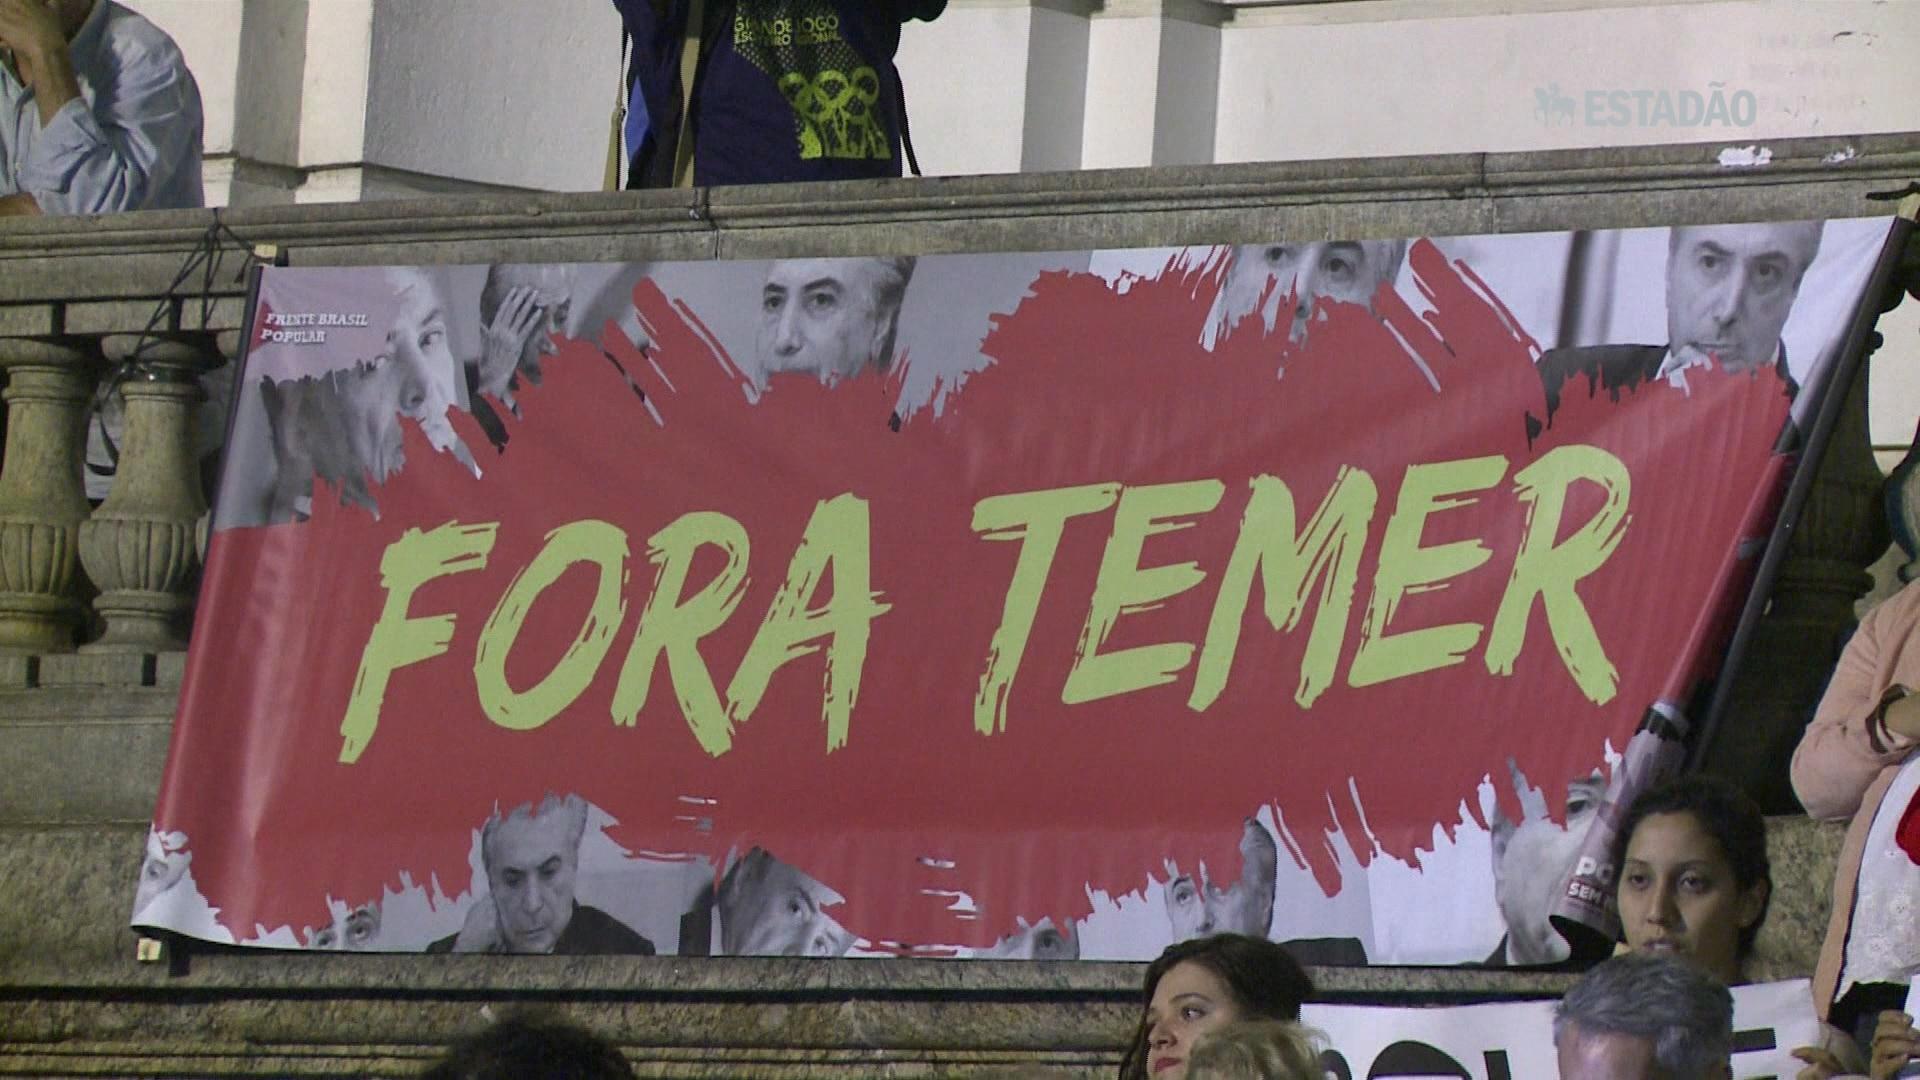 Protesto no Rio contra governo Temer